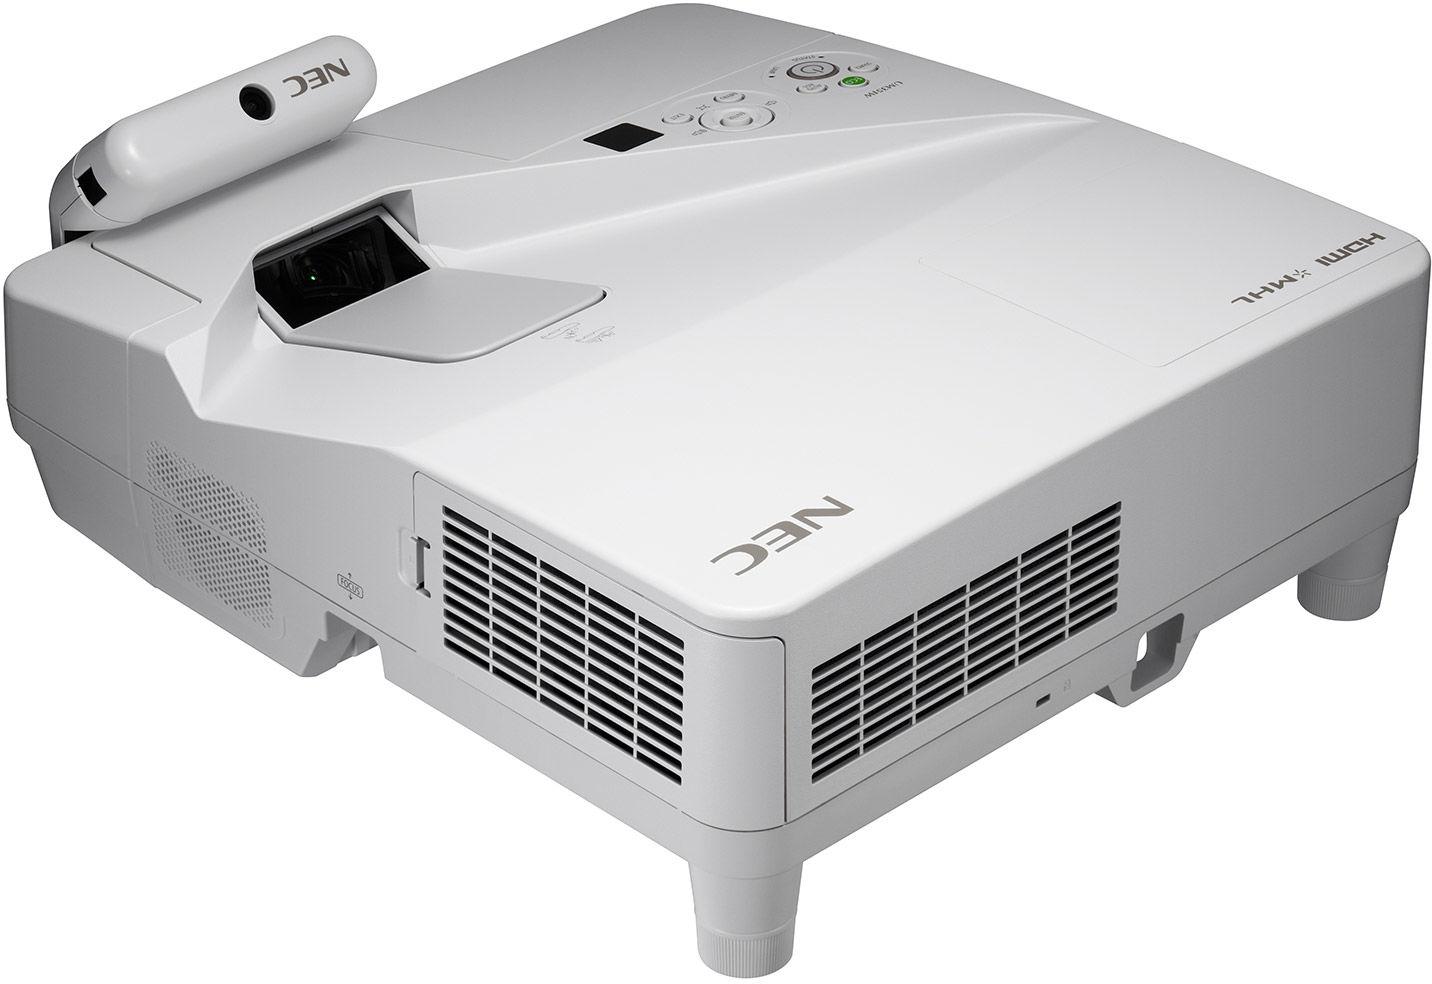 Projektor NEC UM301Wi (Multi-Touch) - DARMOWA DOSTWA PROJEKTORA! Projektory, ekrany, tablice interaktywne - Profesjonalne doradztwo - Kontakt: 71 784 97 60